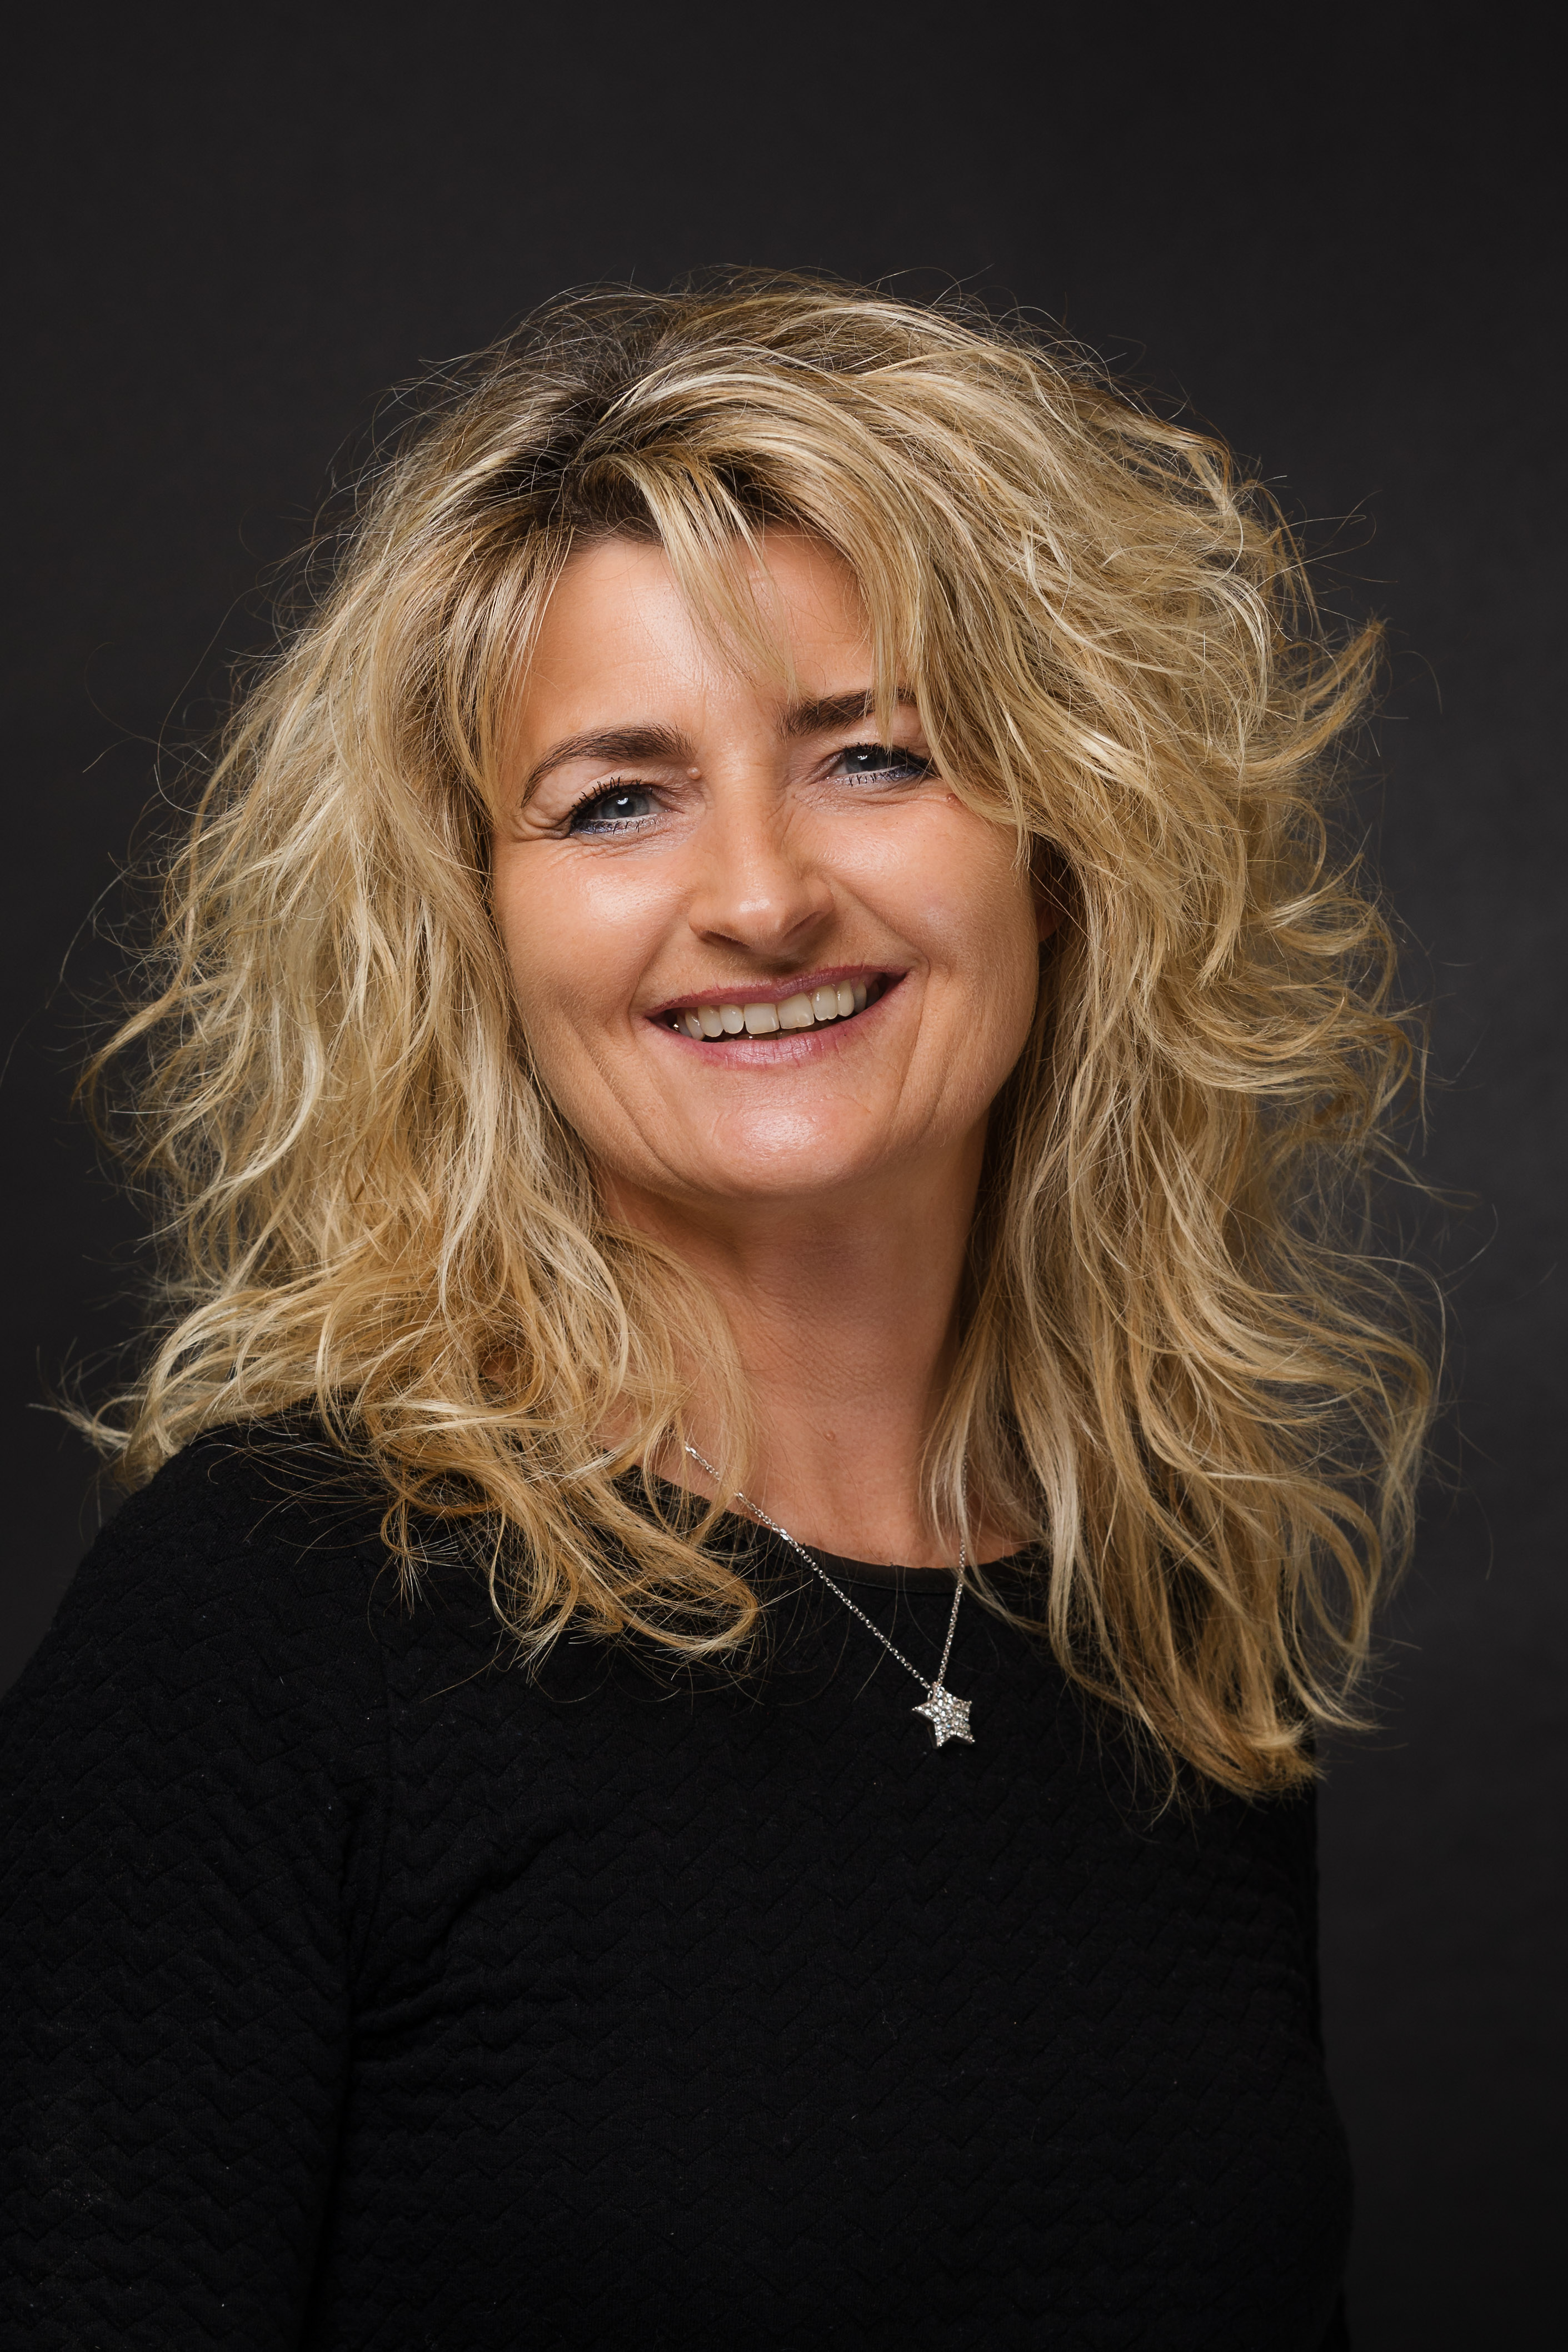 Martina Sauer